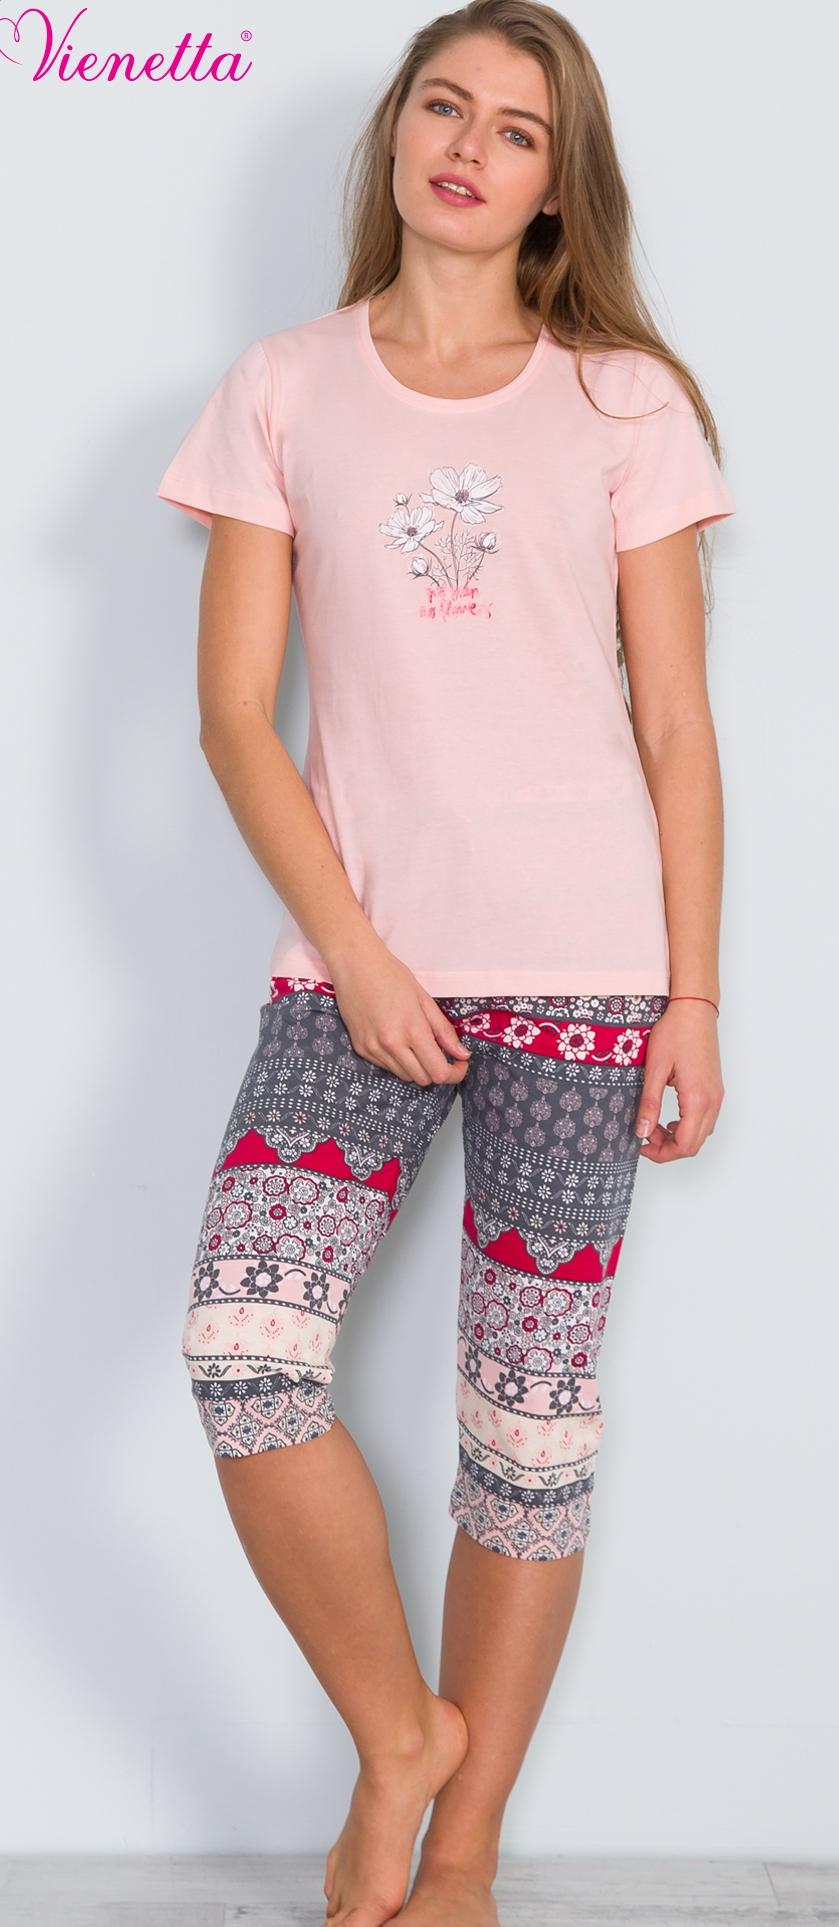 Комплект домашний женский Vienettas Secret: футболка, капри, цвет: светло-розовый, серый. 609041 4438. Размер XL (50)609041 4438Женский домашний комплект Vienettas Secret включает футболку и капри. Комплект выполнен из 100% натурального хлопка. Футболка имеет круглый вырез горловины и короткие стандартные рукава. Обтягивающие капри снабжены резинкой на талии. Футболка выполнена в однотонном дизайне и украшена изображением ромашки, а капри дополнены узорами.